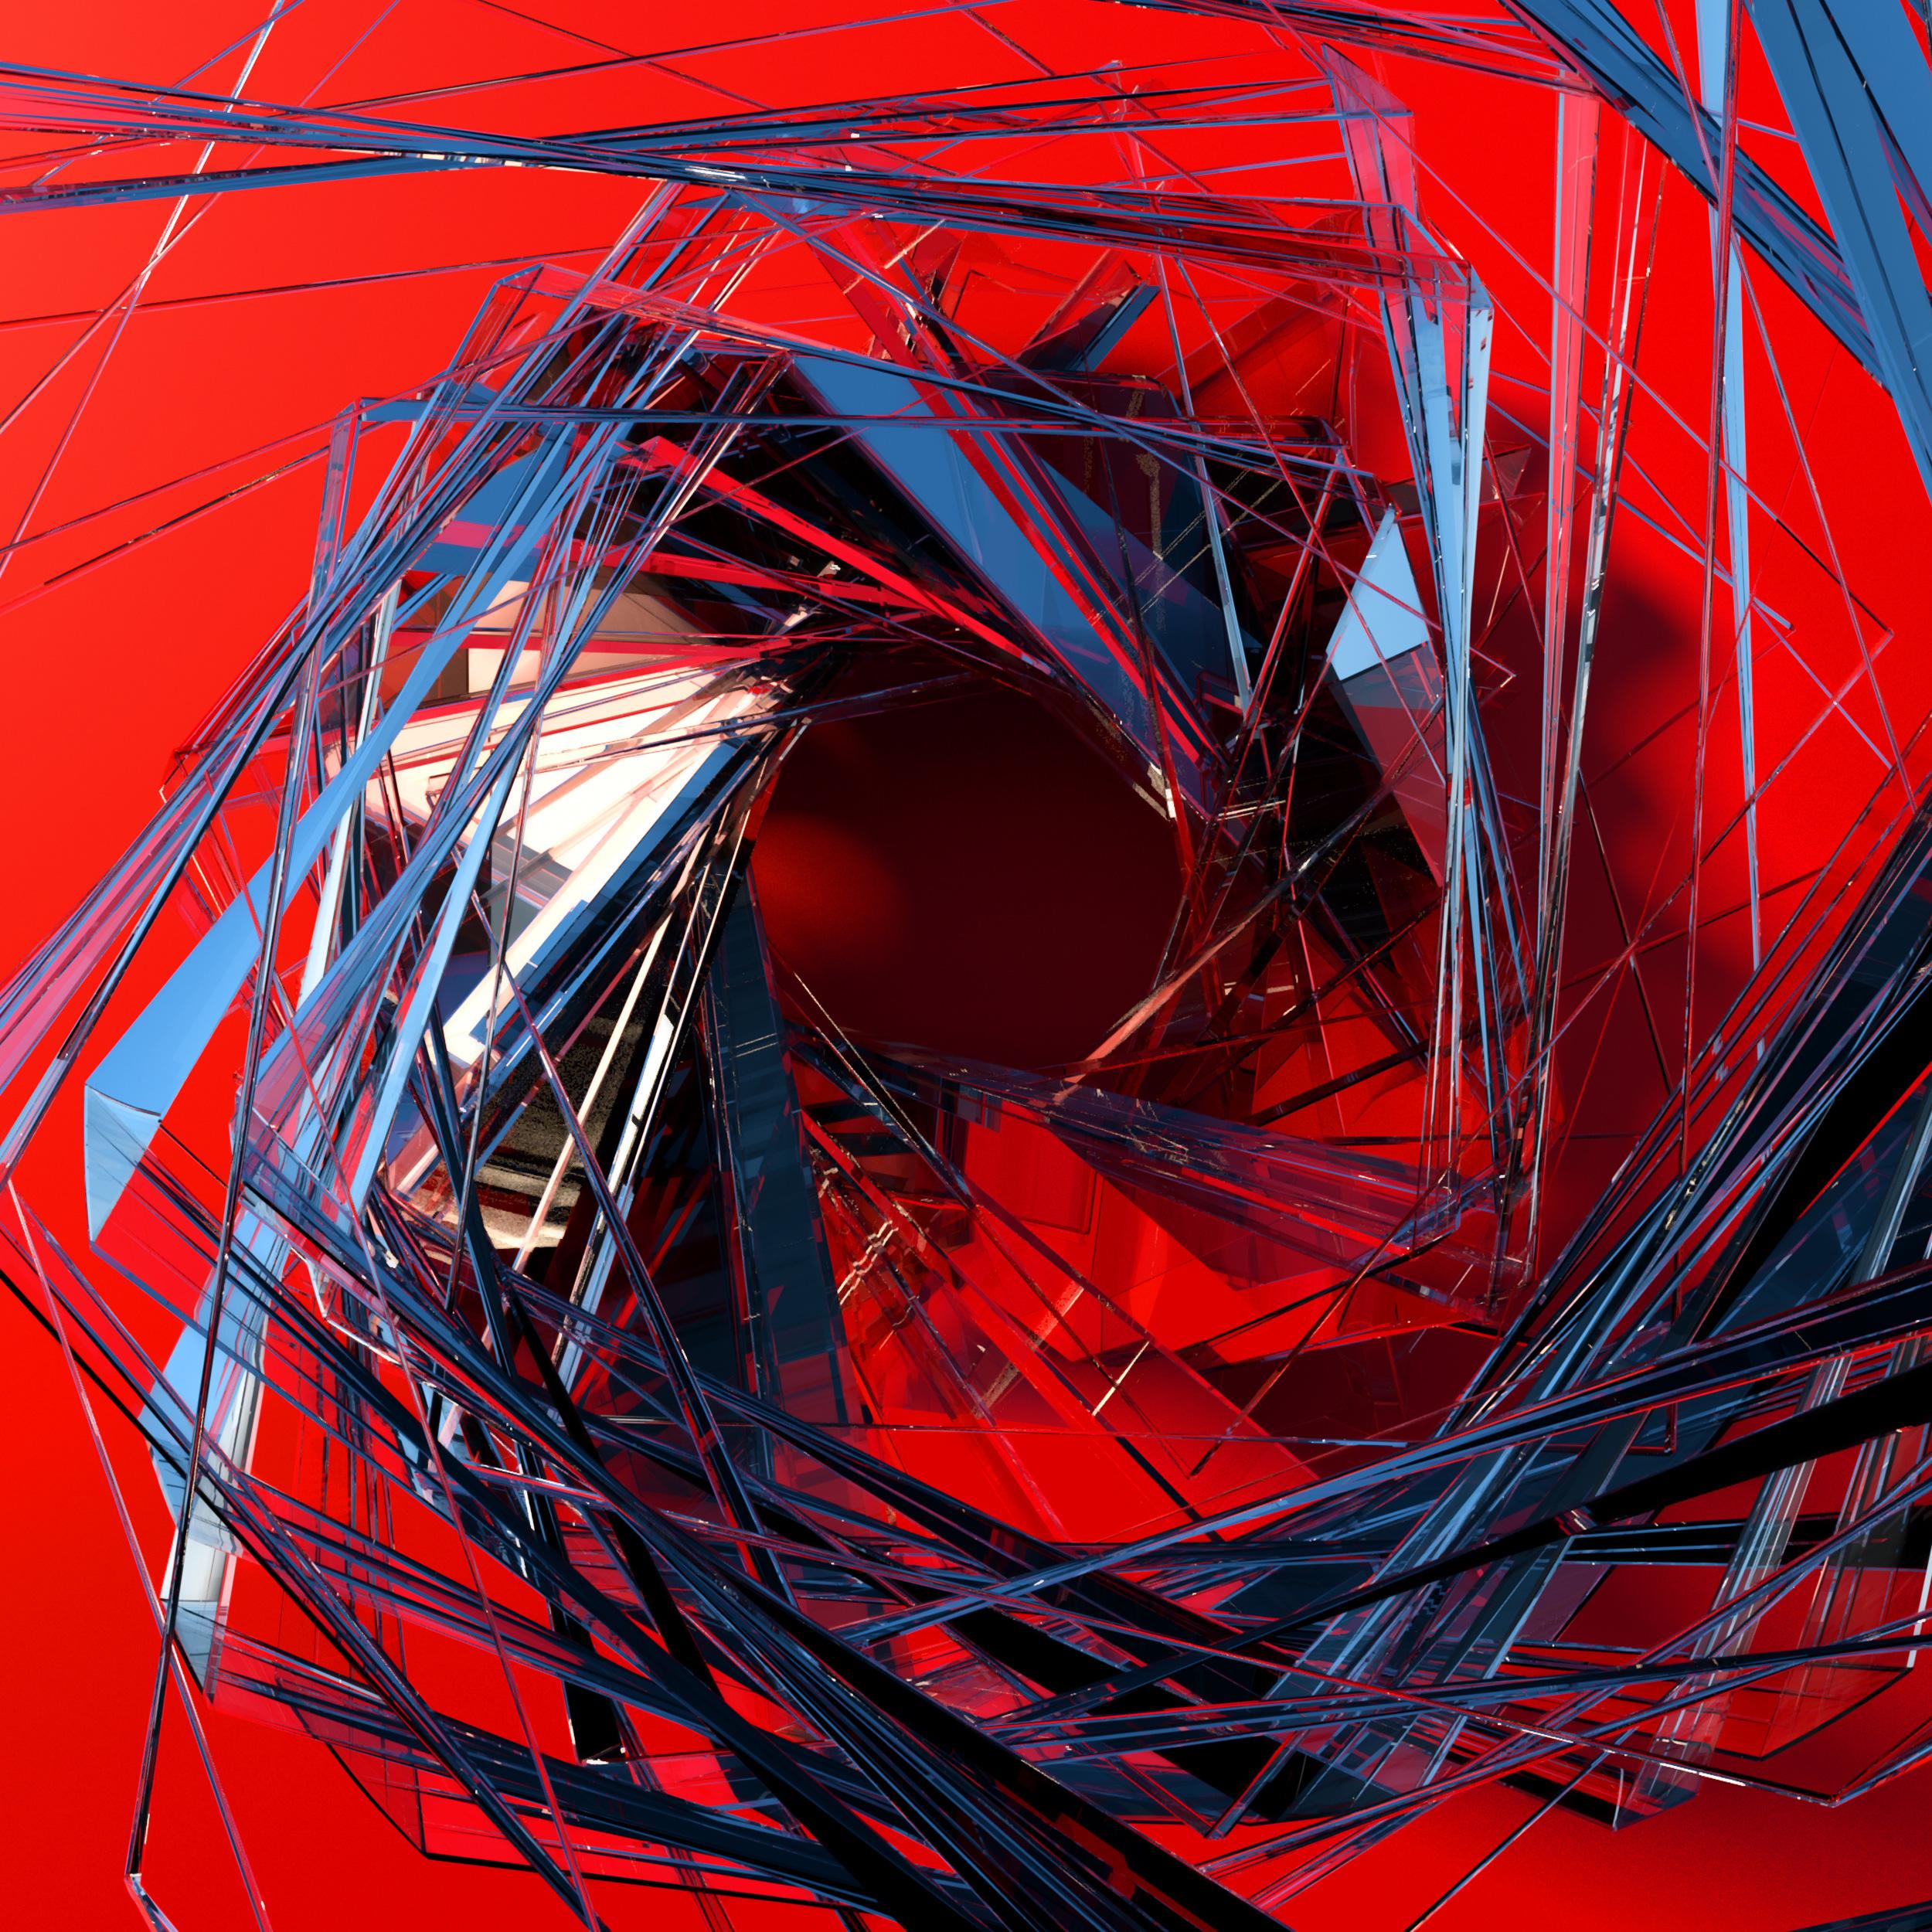 Glass Wallpaper: 3d Glass Abstract Art, HD 3D, 4k Wallpapers, Images